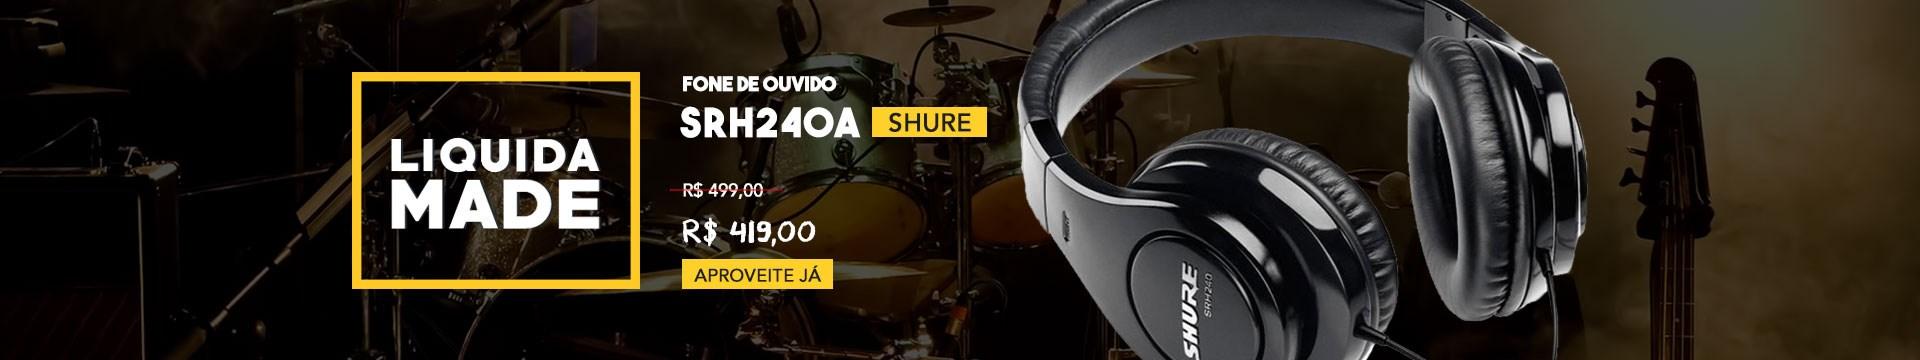 Liquida Shure Sr240